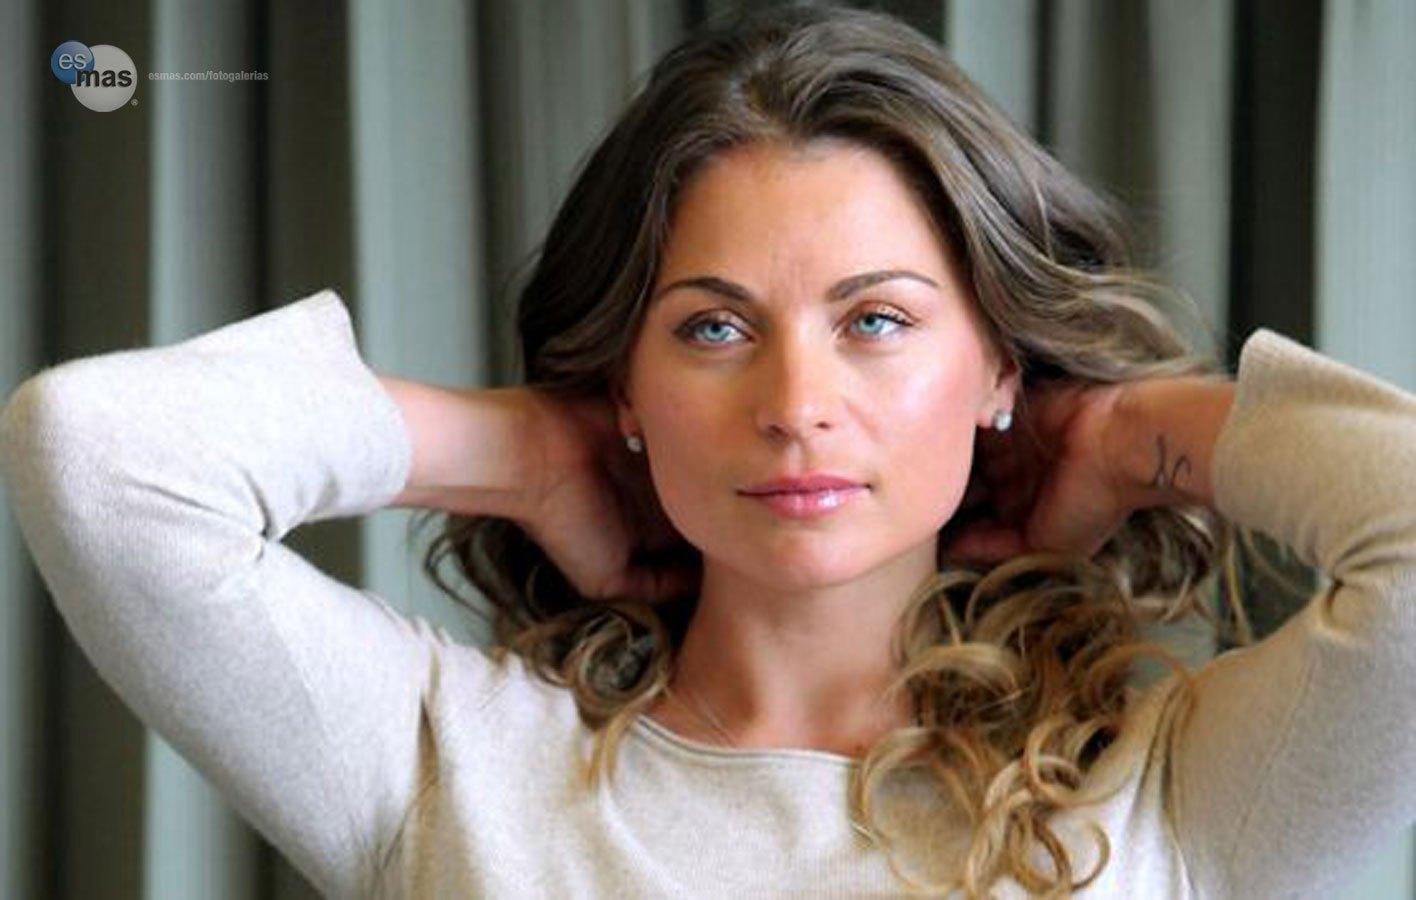 Mundo dos Famosos: Biografia de Ludwika Paleta